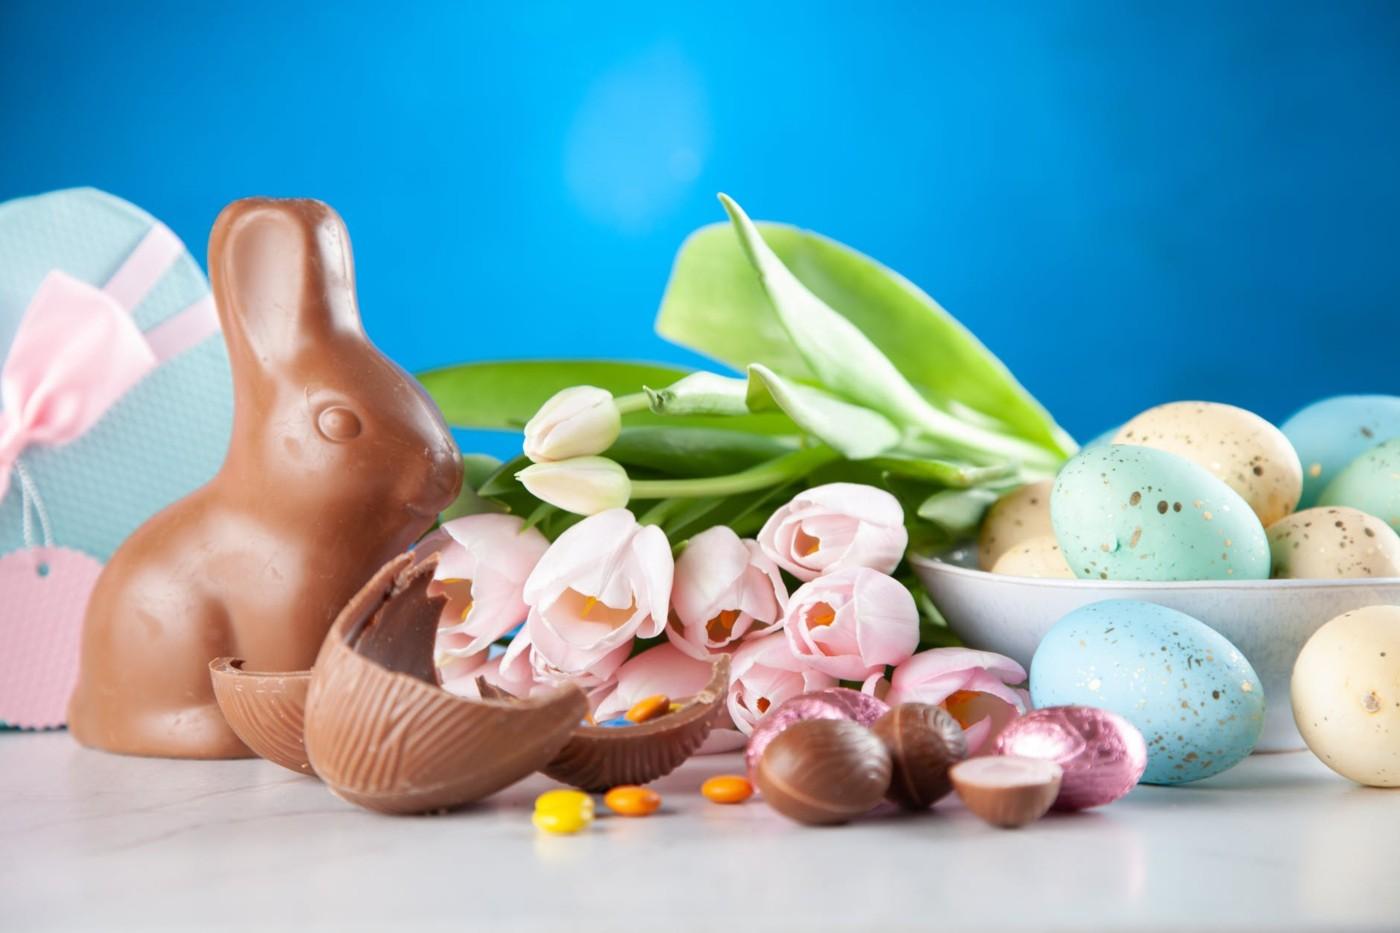 Sorprese di Pasqua: uova giocattolo da regalare ai bambini